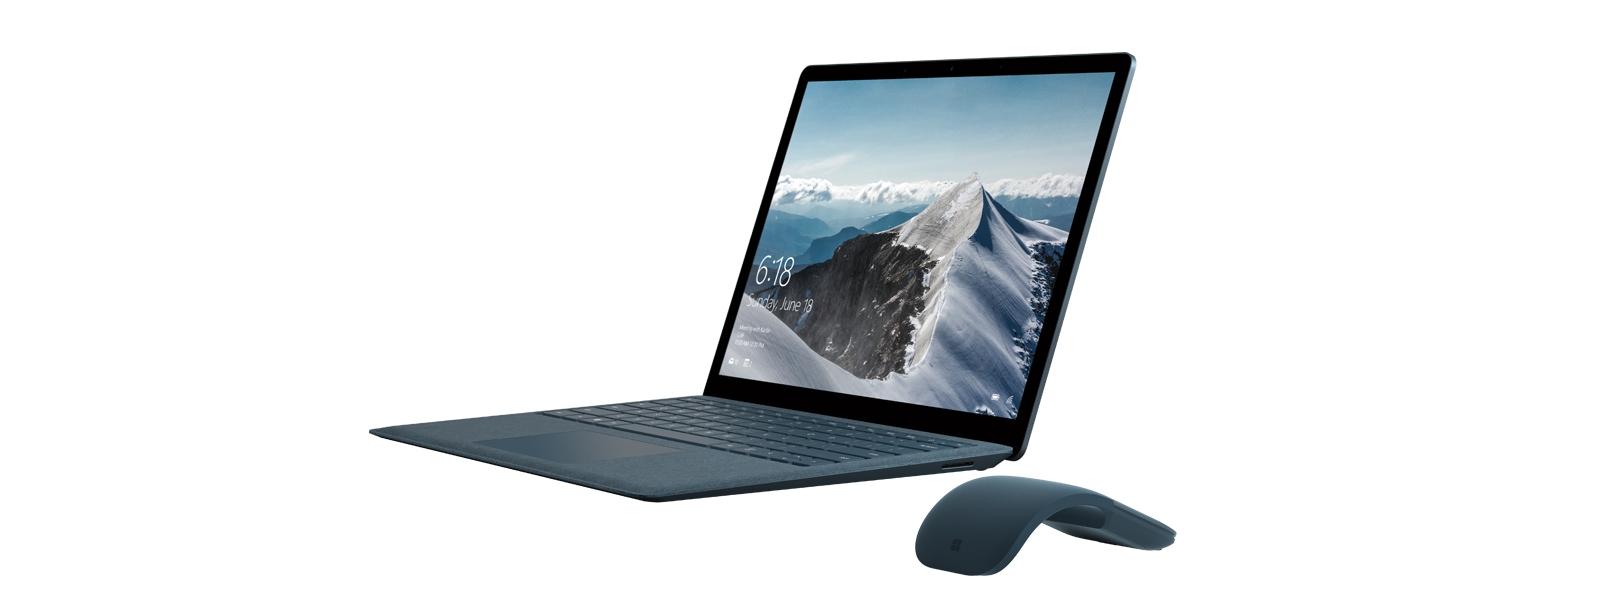 Koboltblå Surface Laptop i vinkel med en bakgrund med snötäckta berg på skärmen och en koboltblå Arc Touch Mouse bredvid datorn.